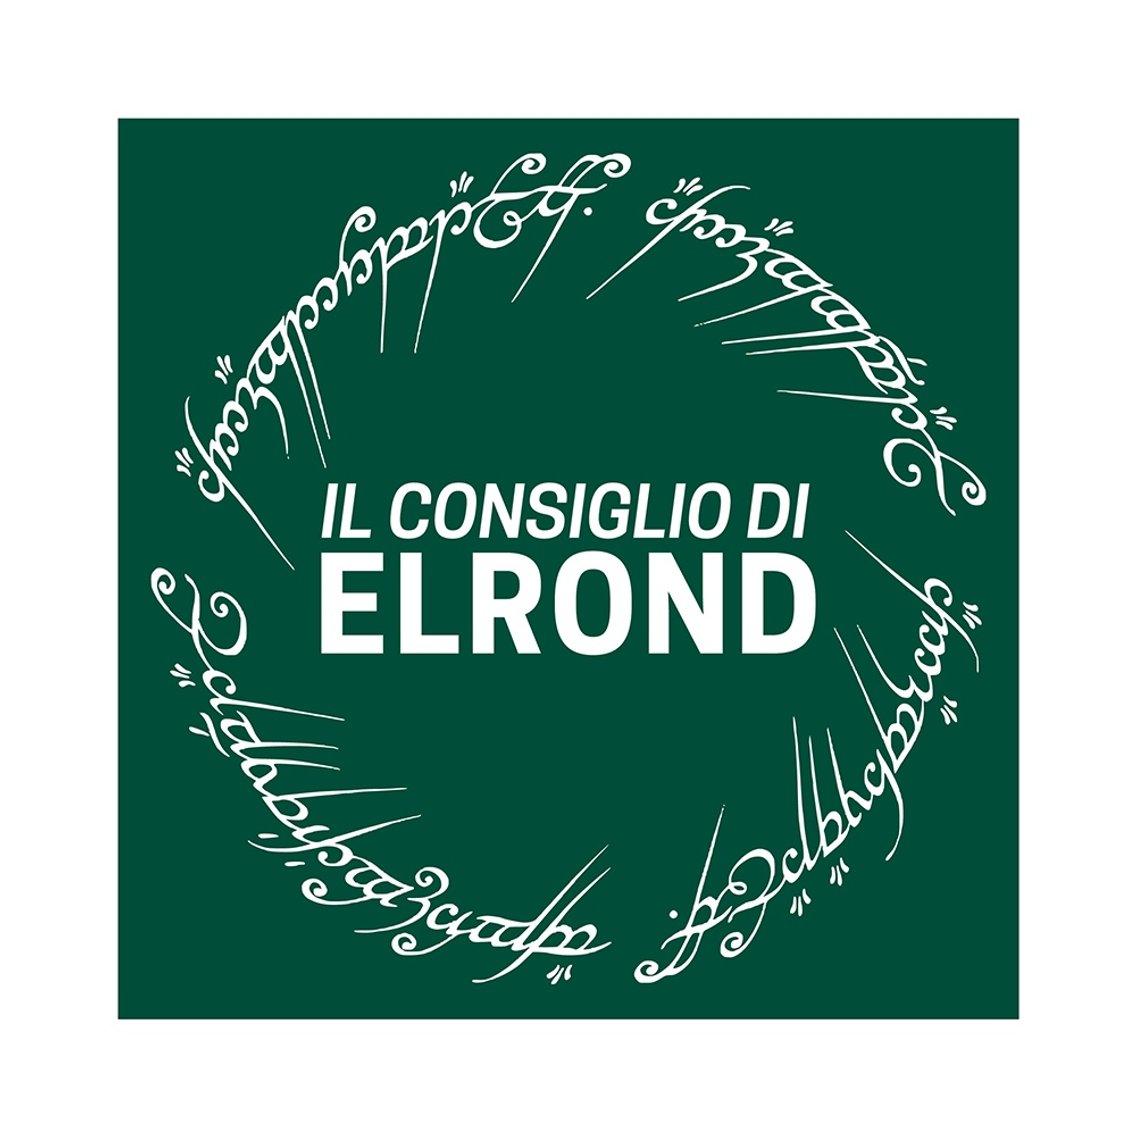 Il consiglio di Elrond - immagine di copertina